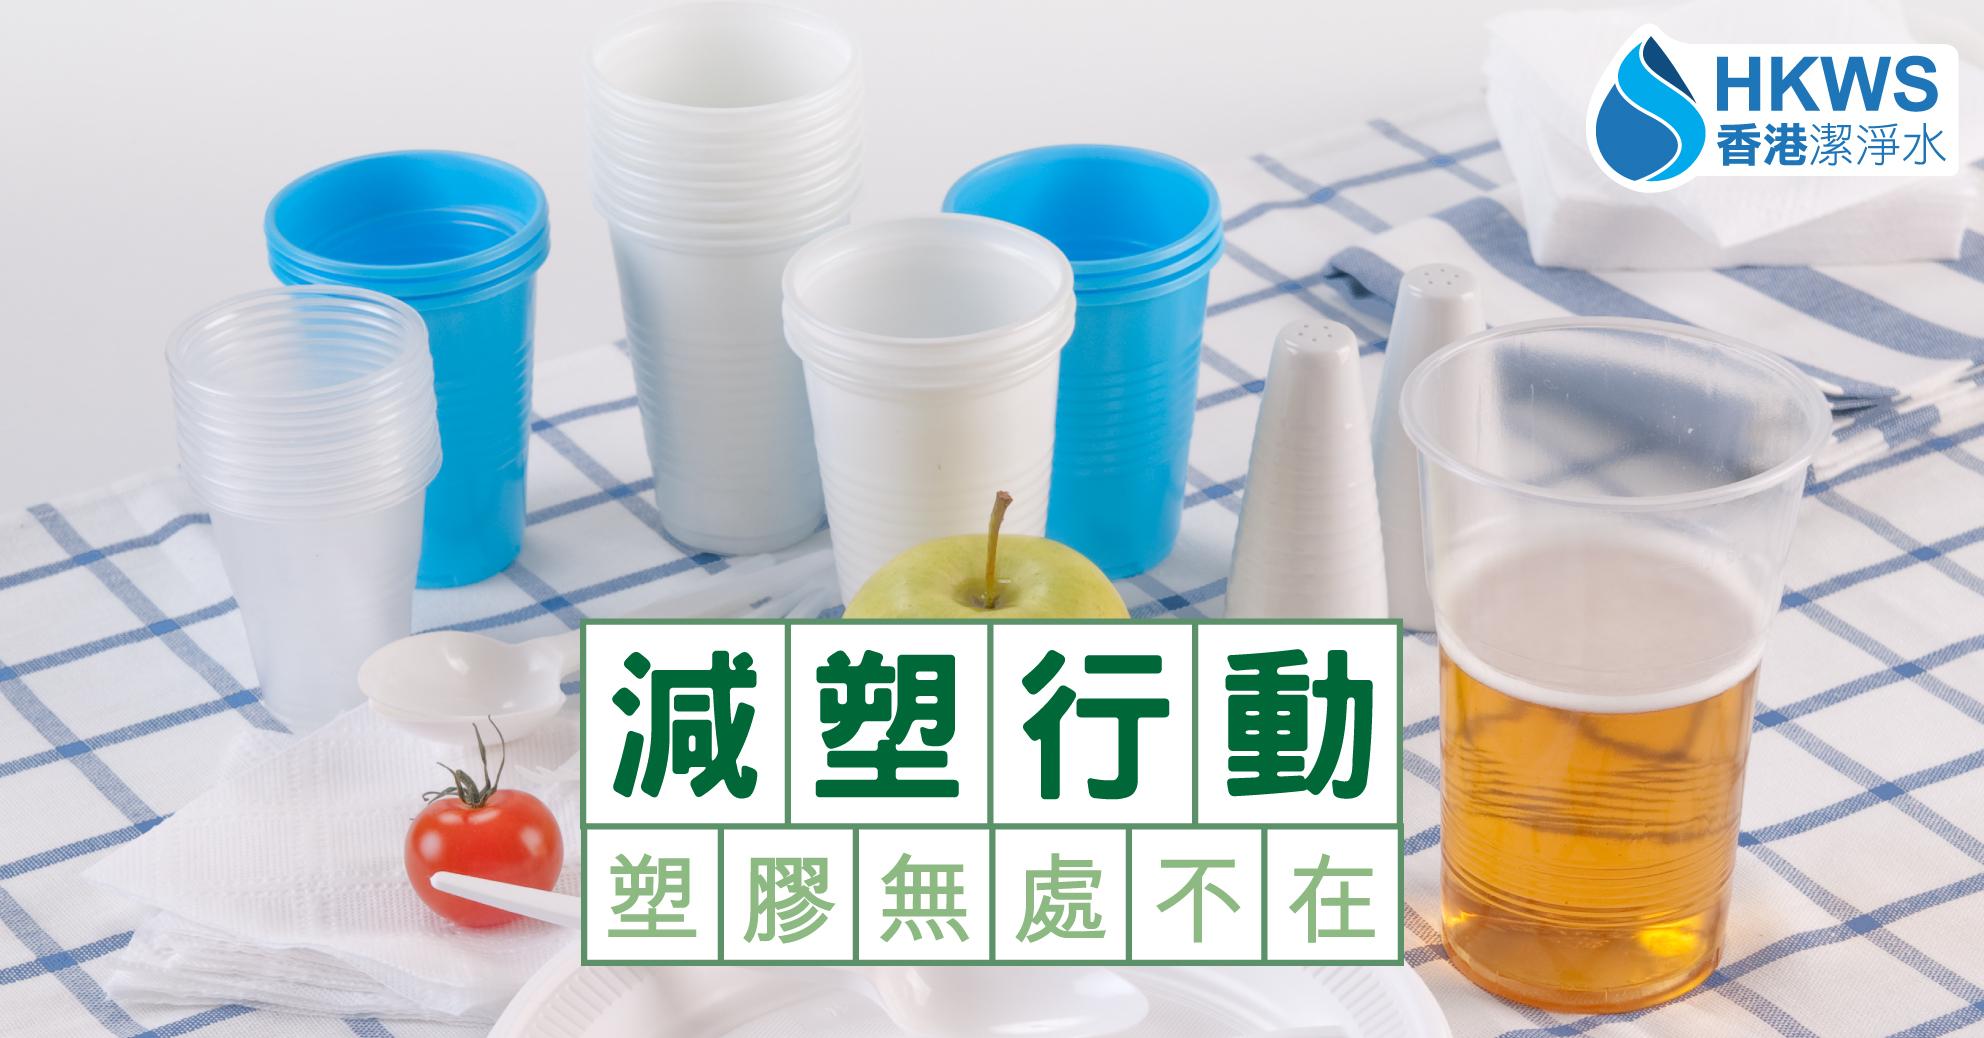 用塑膠成癮的我們,如何改善習慣?